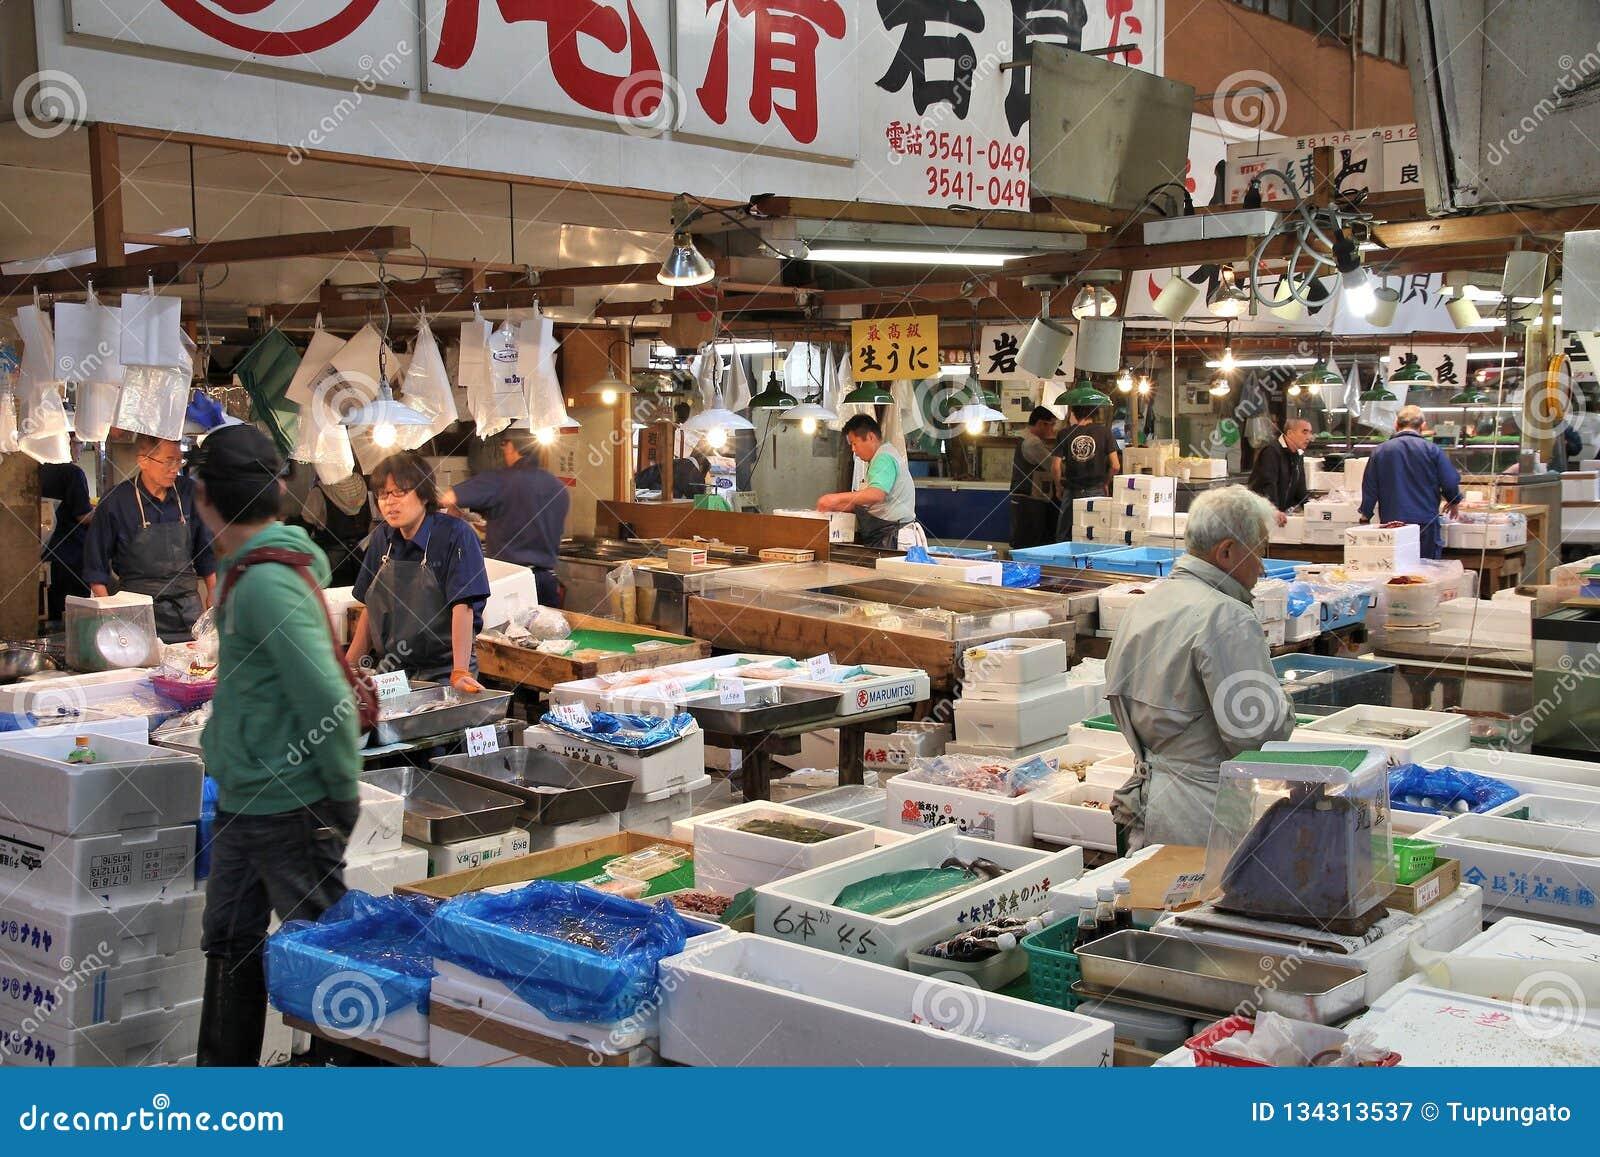 Tokyo seafood market editorial ...